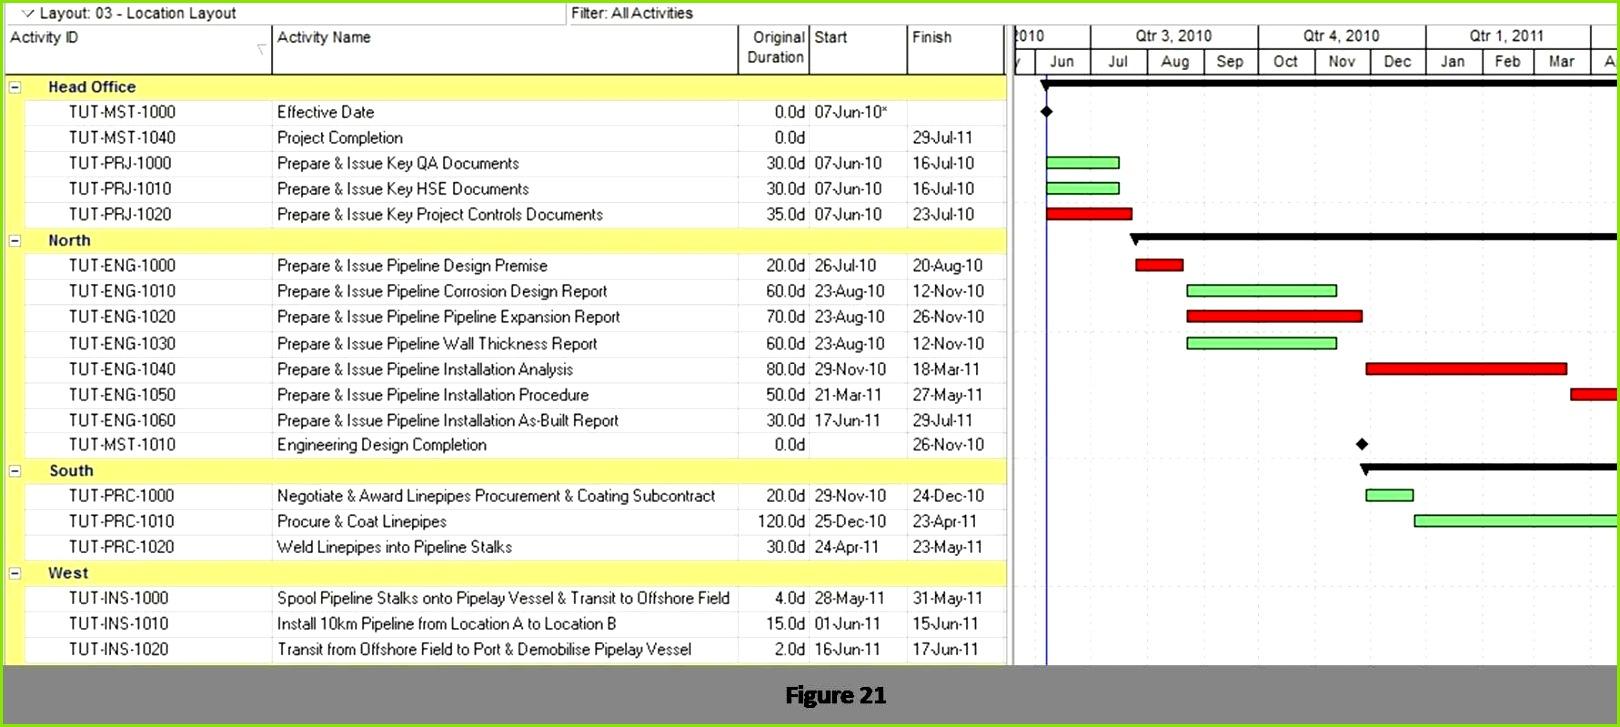 Fragebogen Erstellen Vorlage Druckbare Nebenkostenabrechnung Erstellen Muster Aufnahme – Fragebogen 32 Die Besten Fragebogen Erstellen